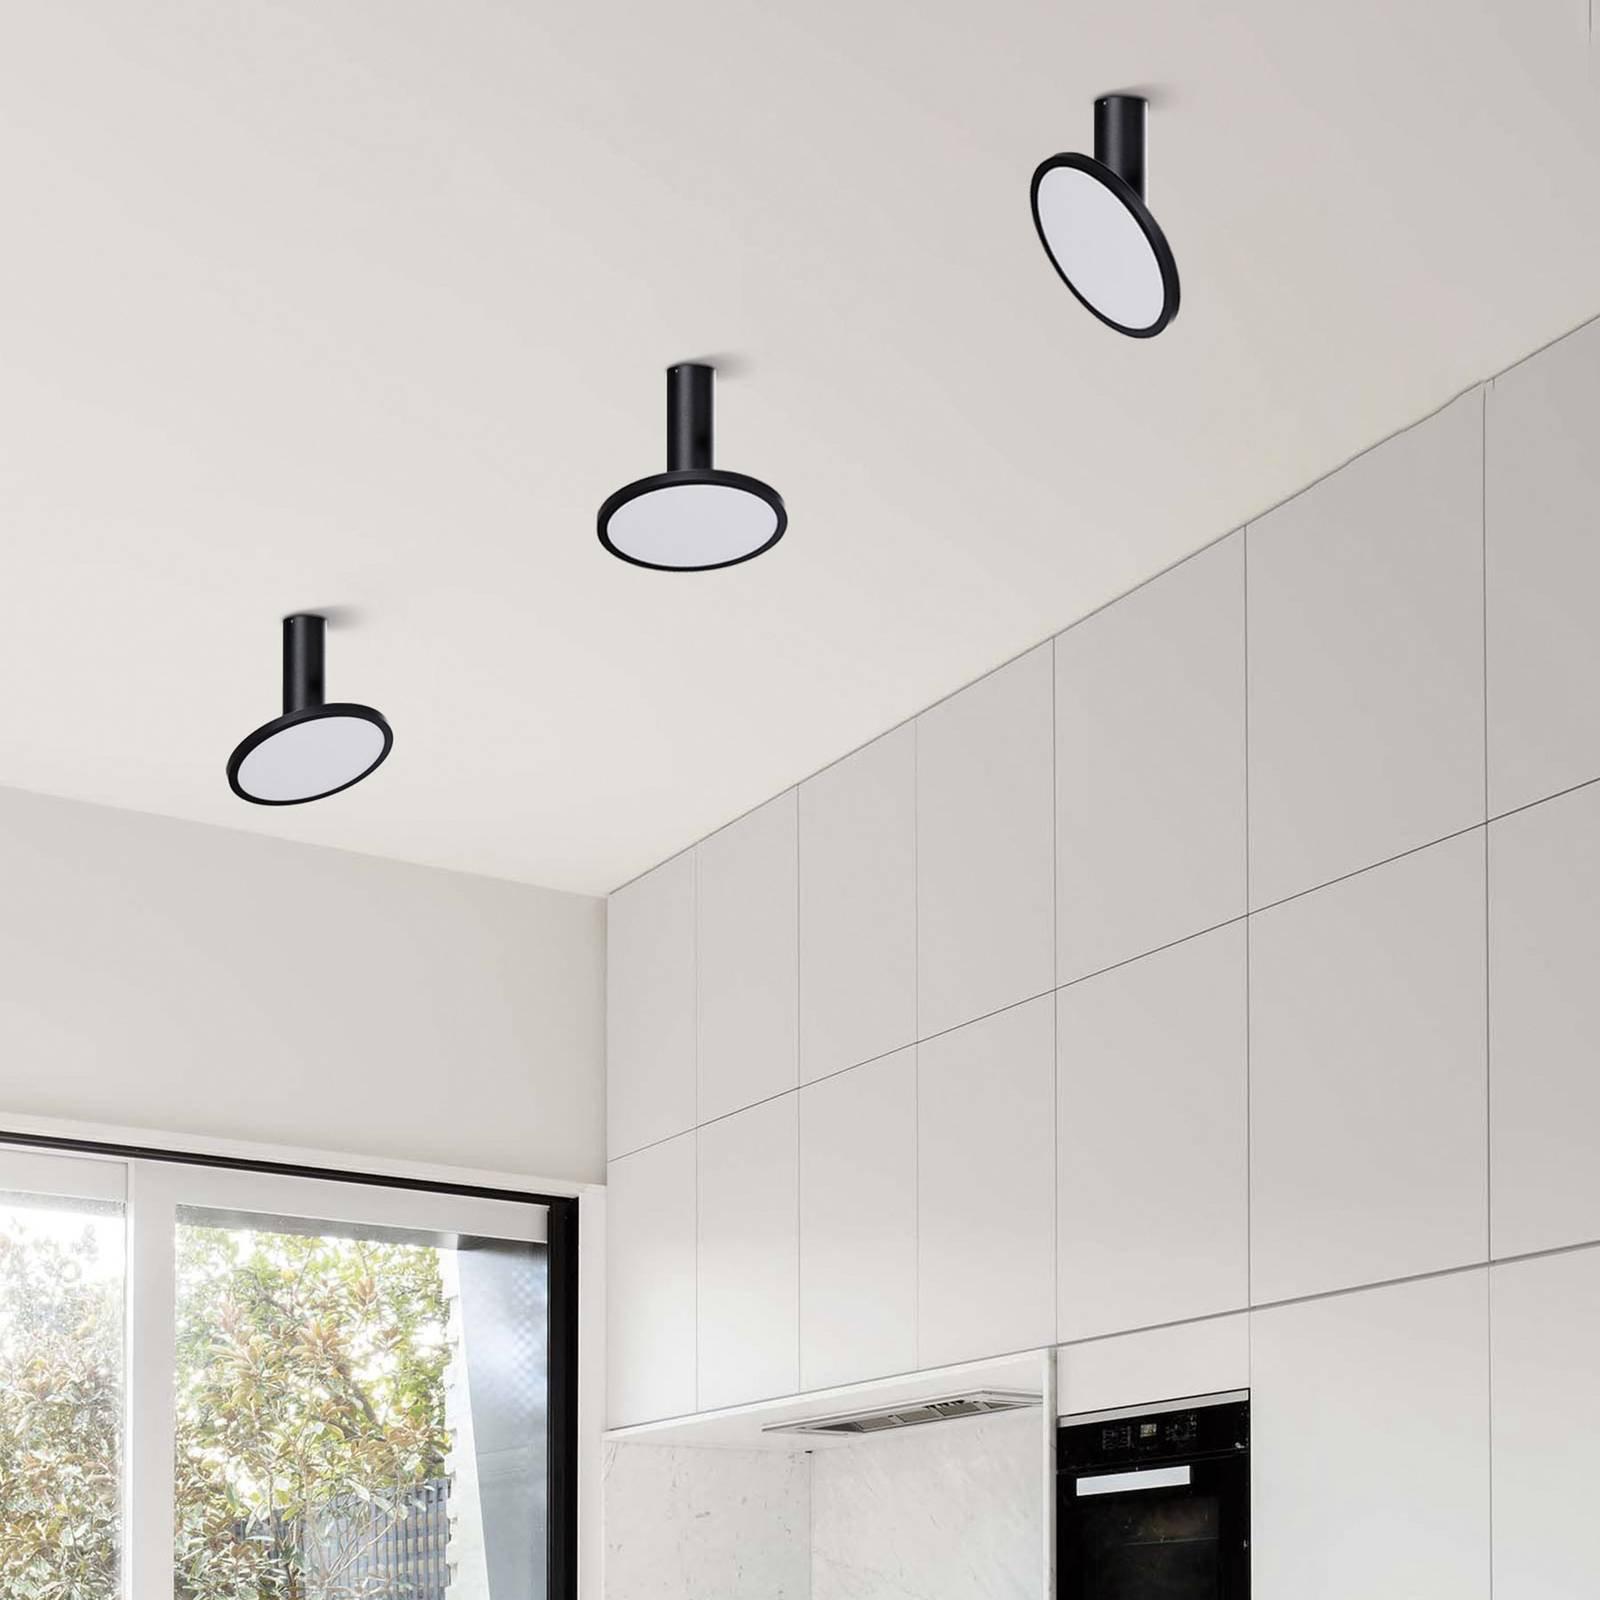 LED-taklampe Morgan, bevegelig, svart